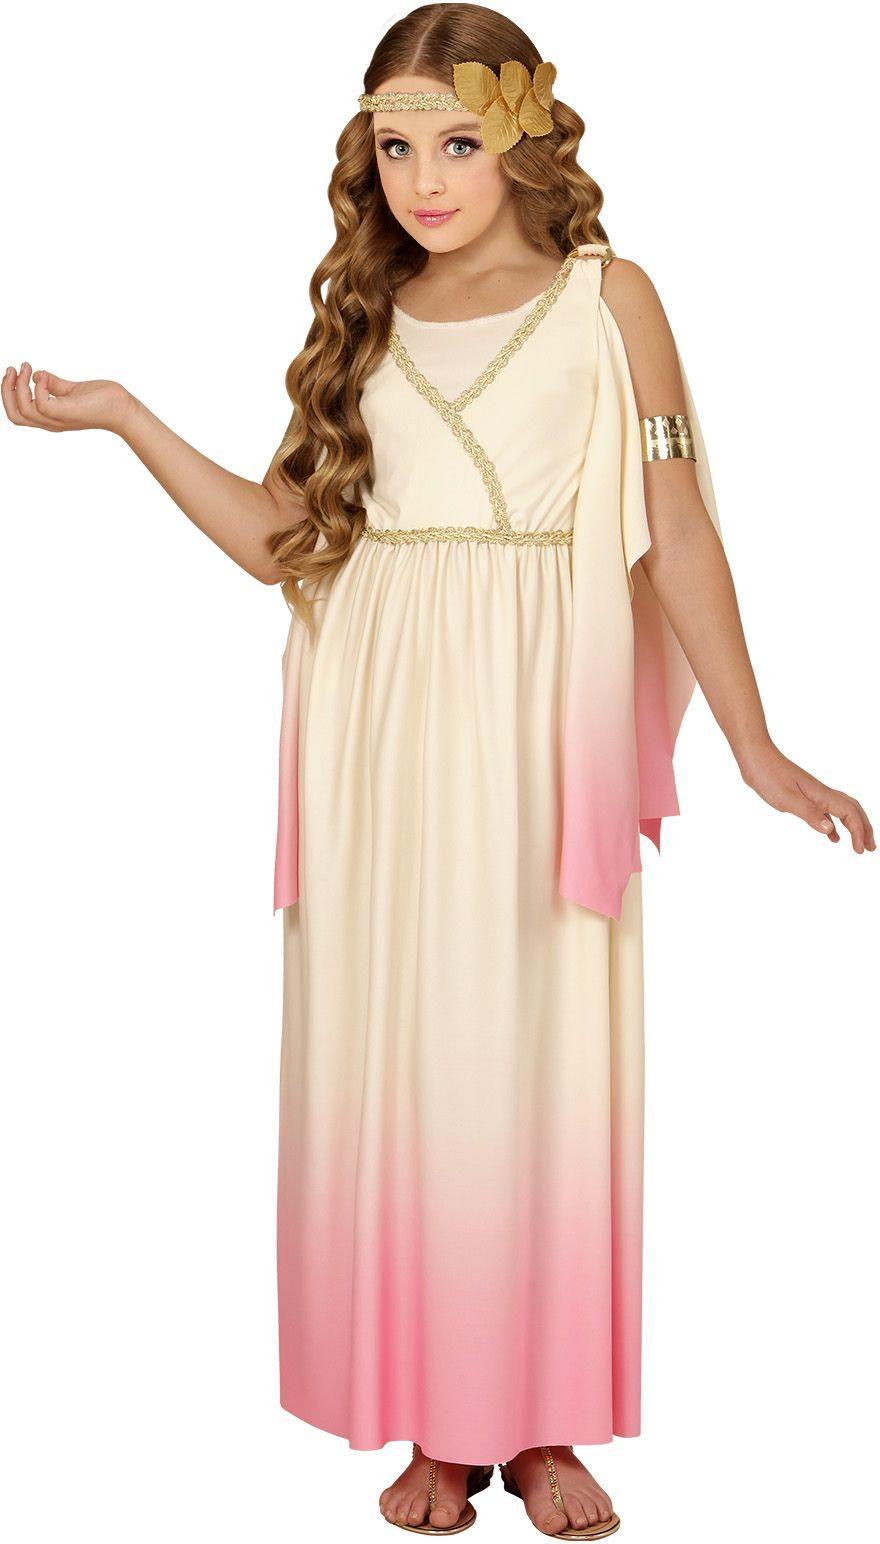 Griekse godin wit/roze kind